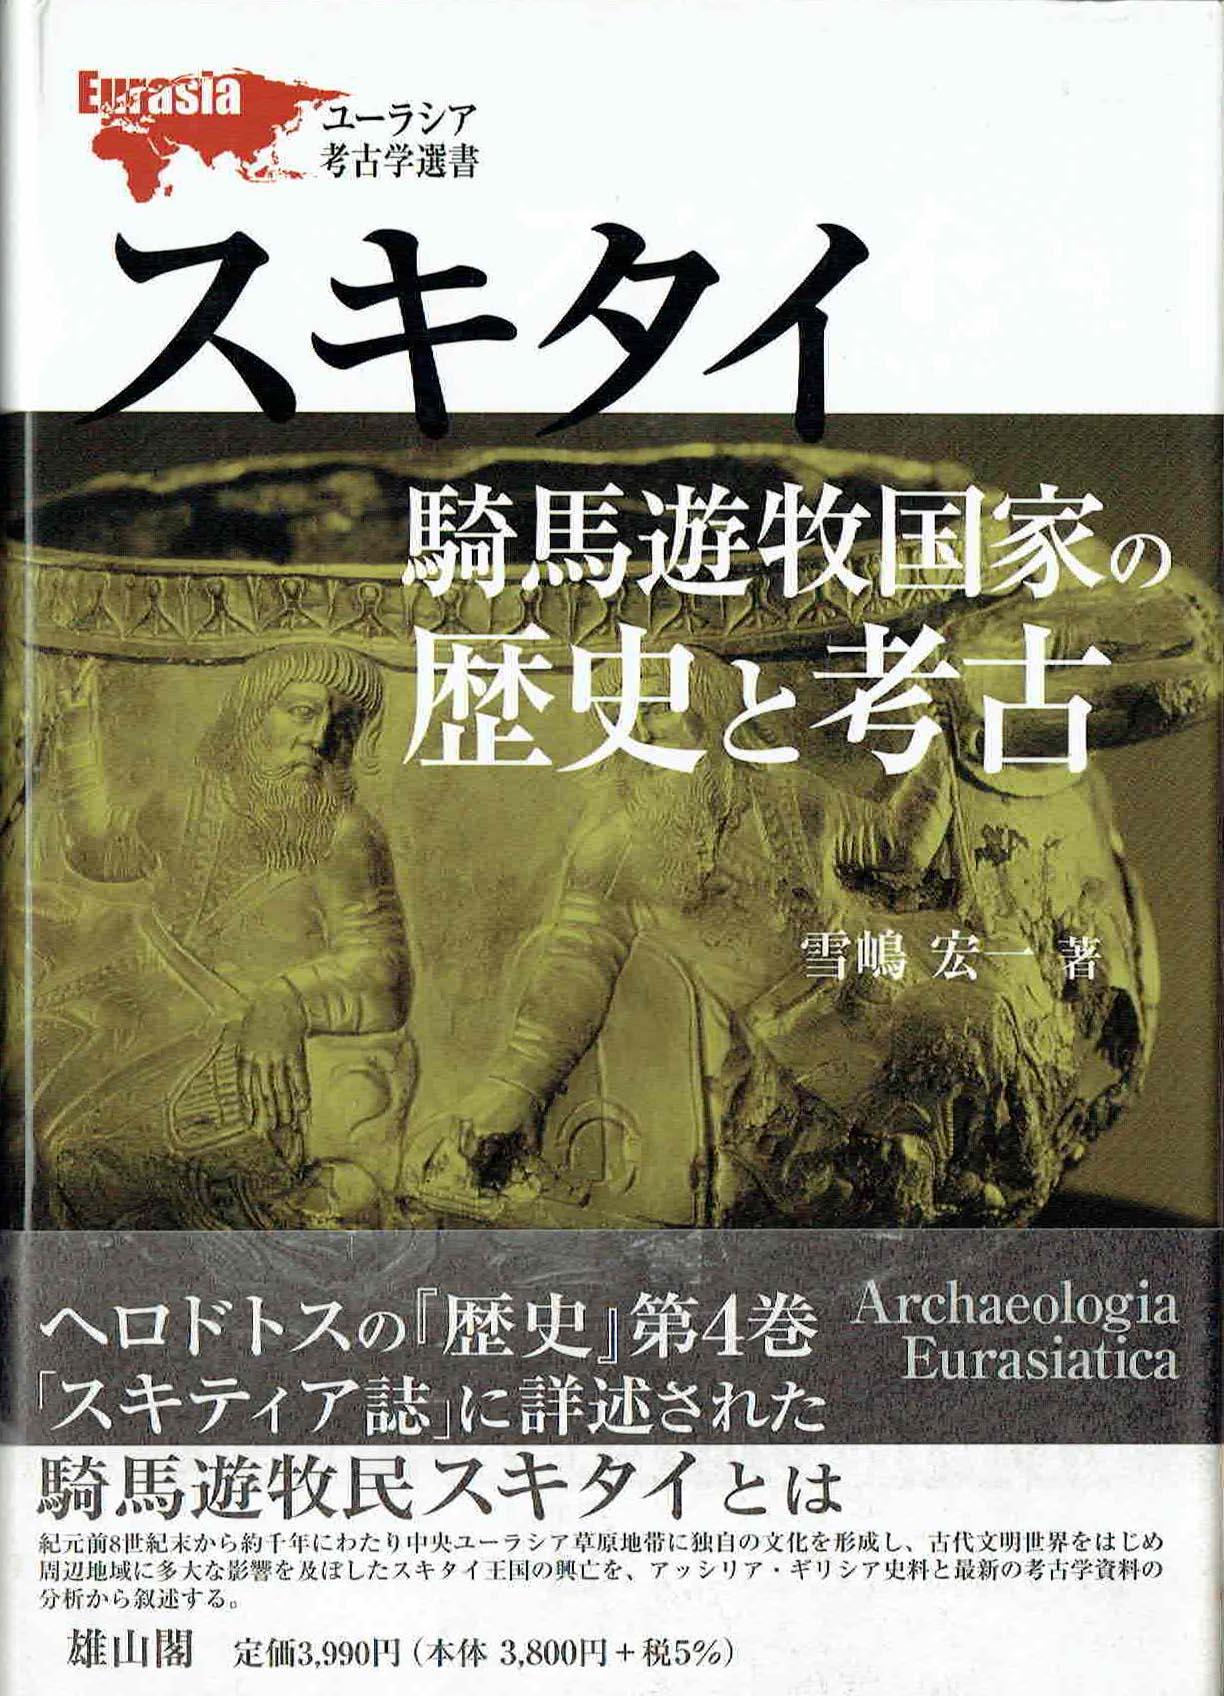 考古学の古書買取なら黒崎書店